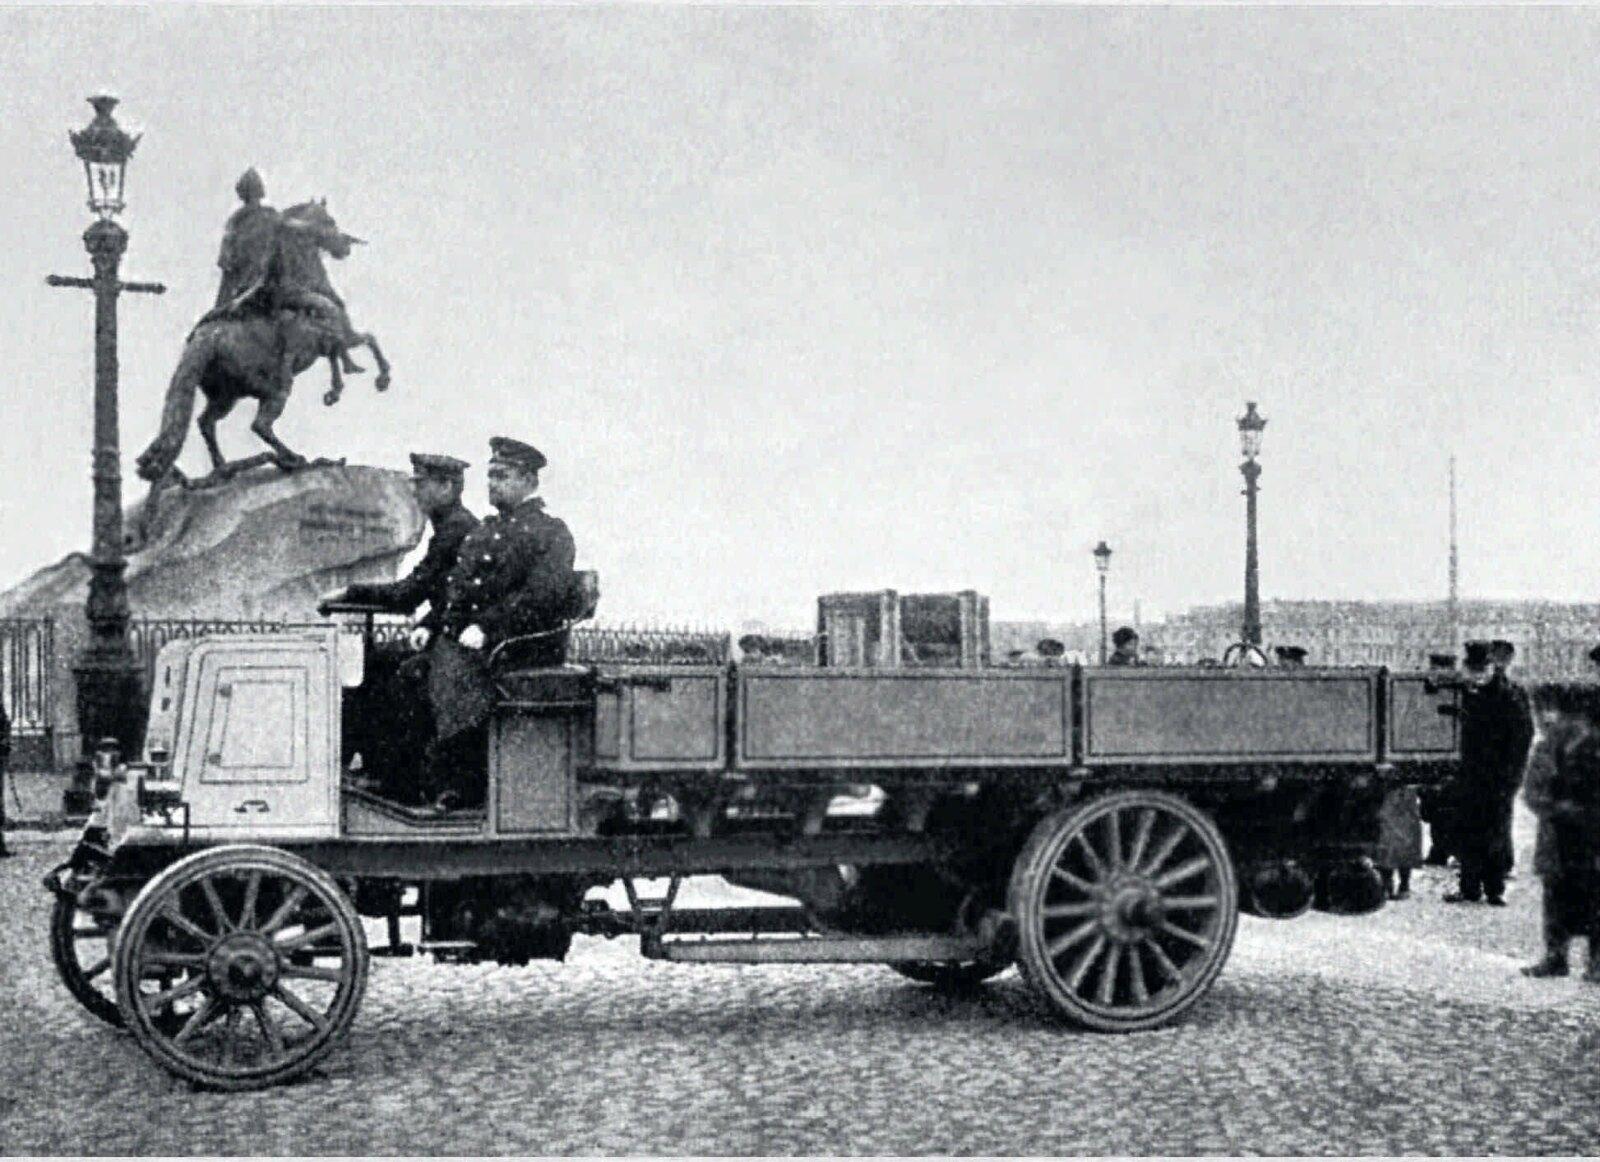 28. 1901. Моторная телега (изобретение инженера Б.Г.Луцкого, принадлежащая Морским Ижорским заводам